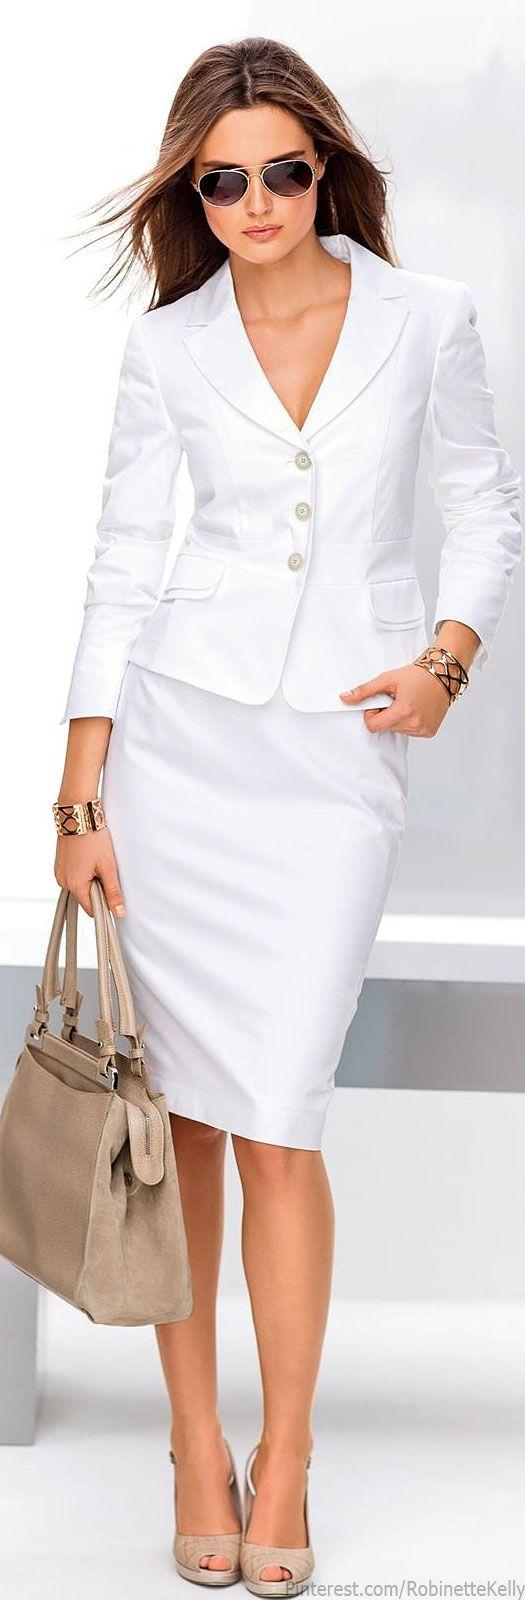 Office style. Beetje te veel wit en schoenen met open tenen. Dus niet helemaal zakelijk.